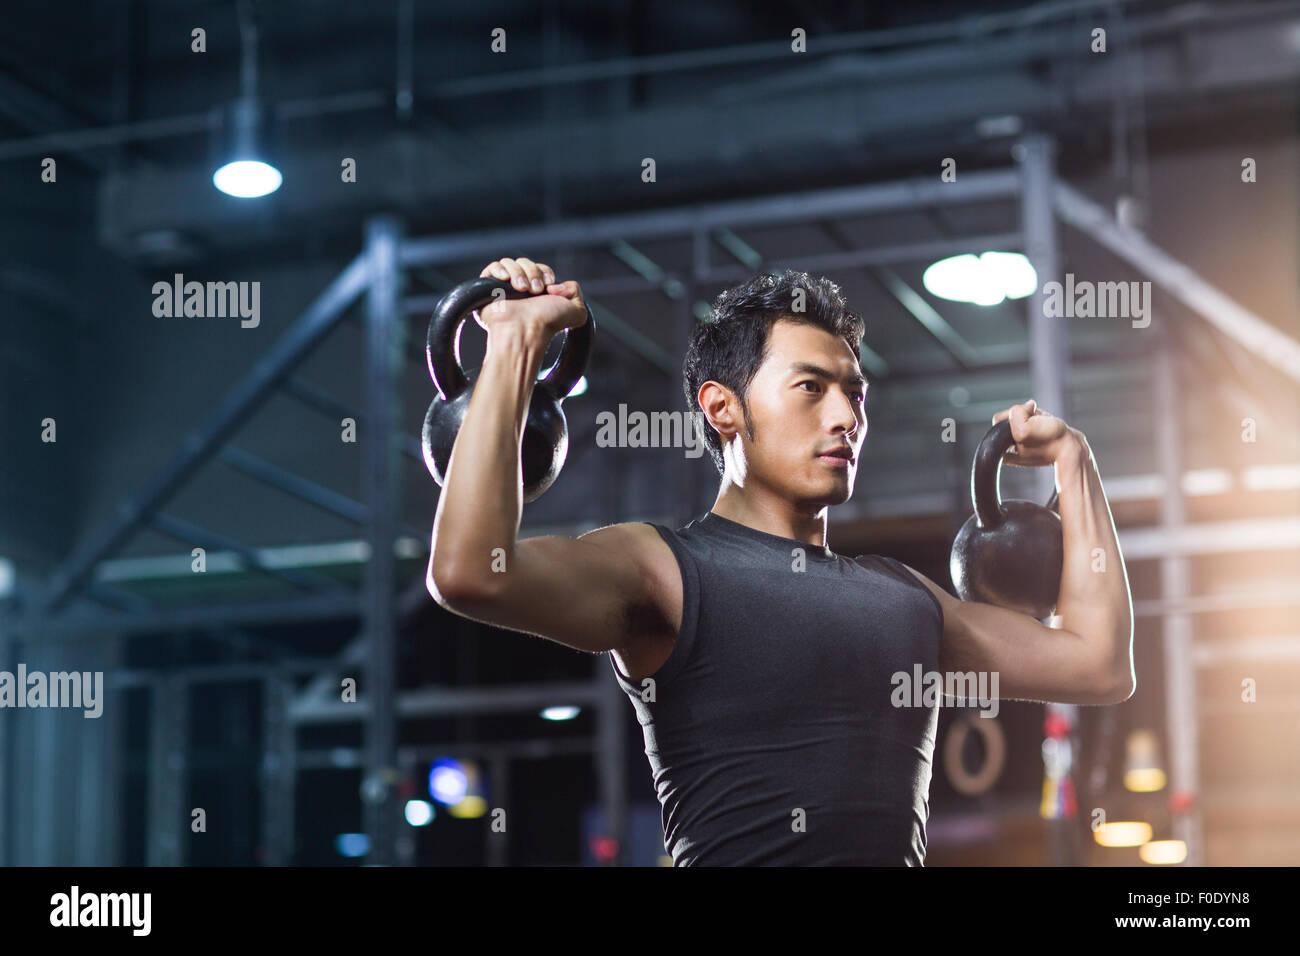 Junger Mann Training mit Kettlebells in Crossfit gym Stockbild